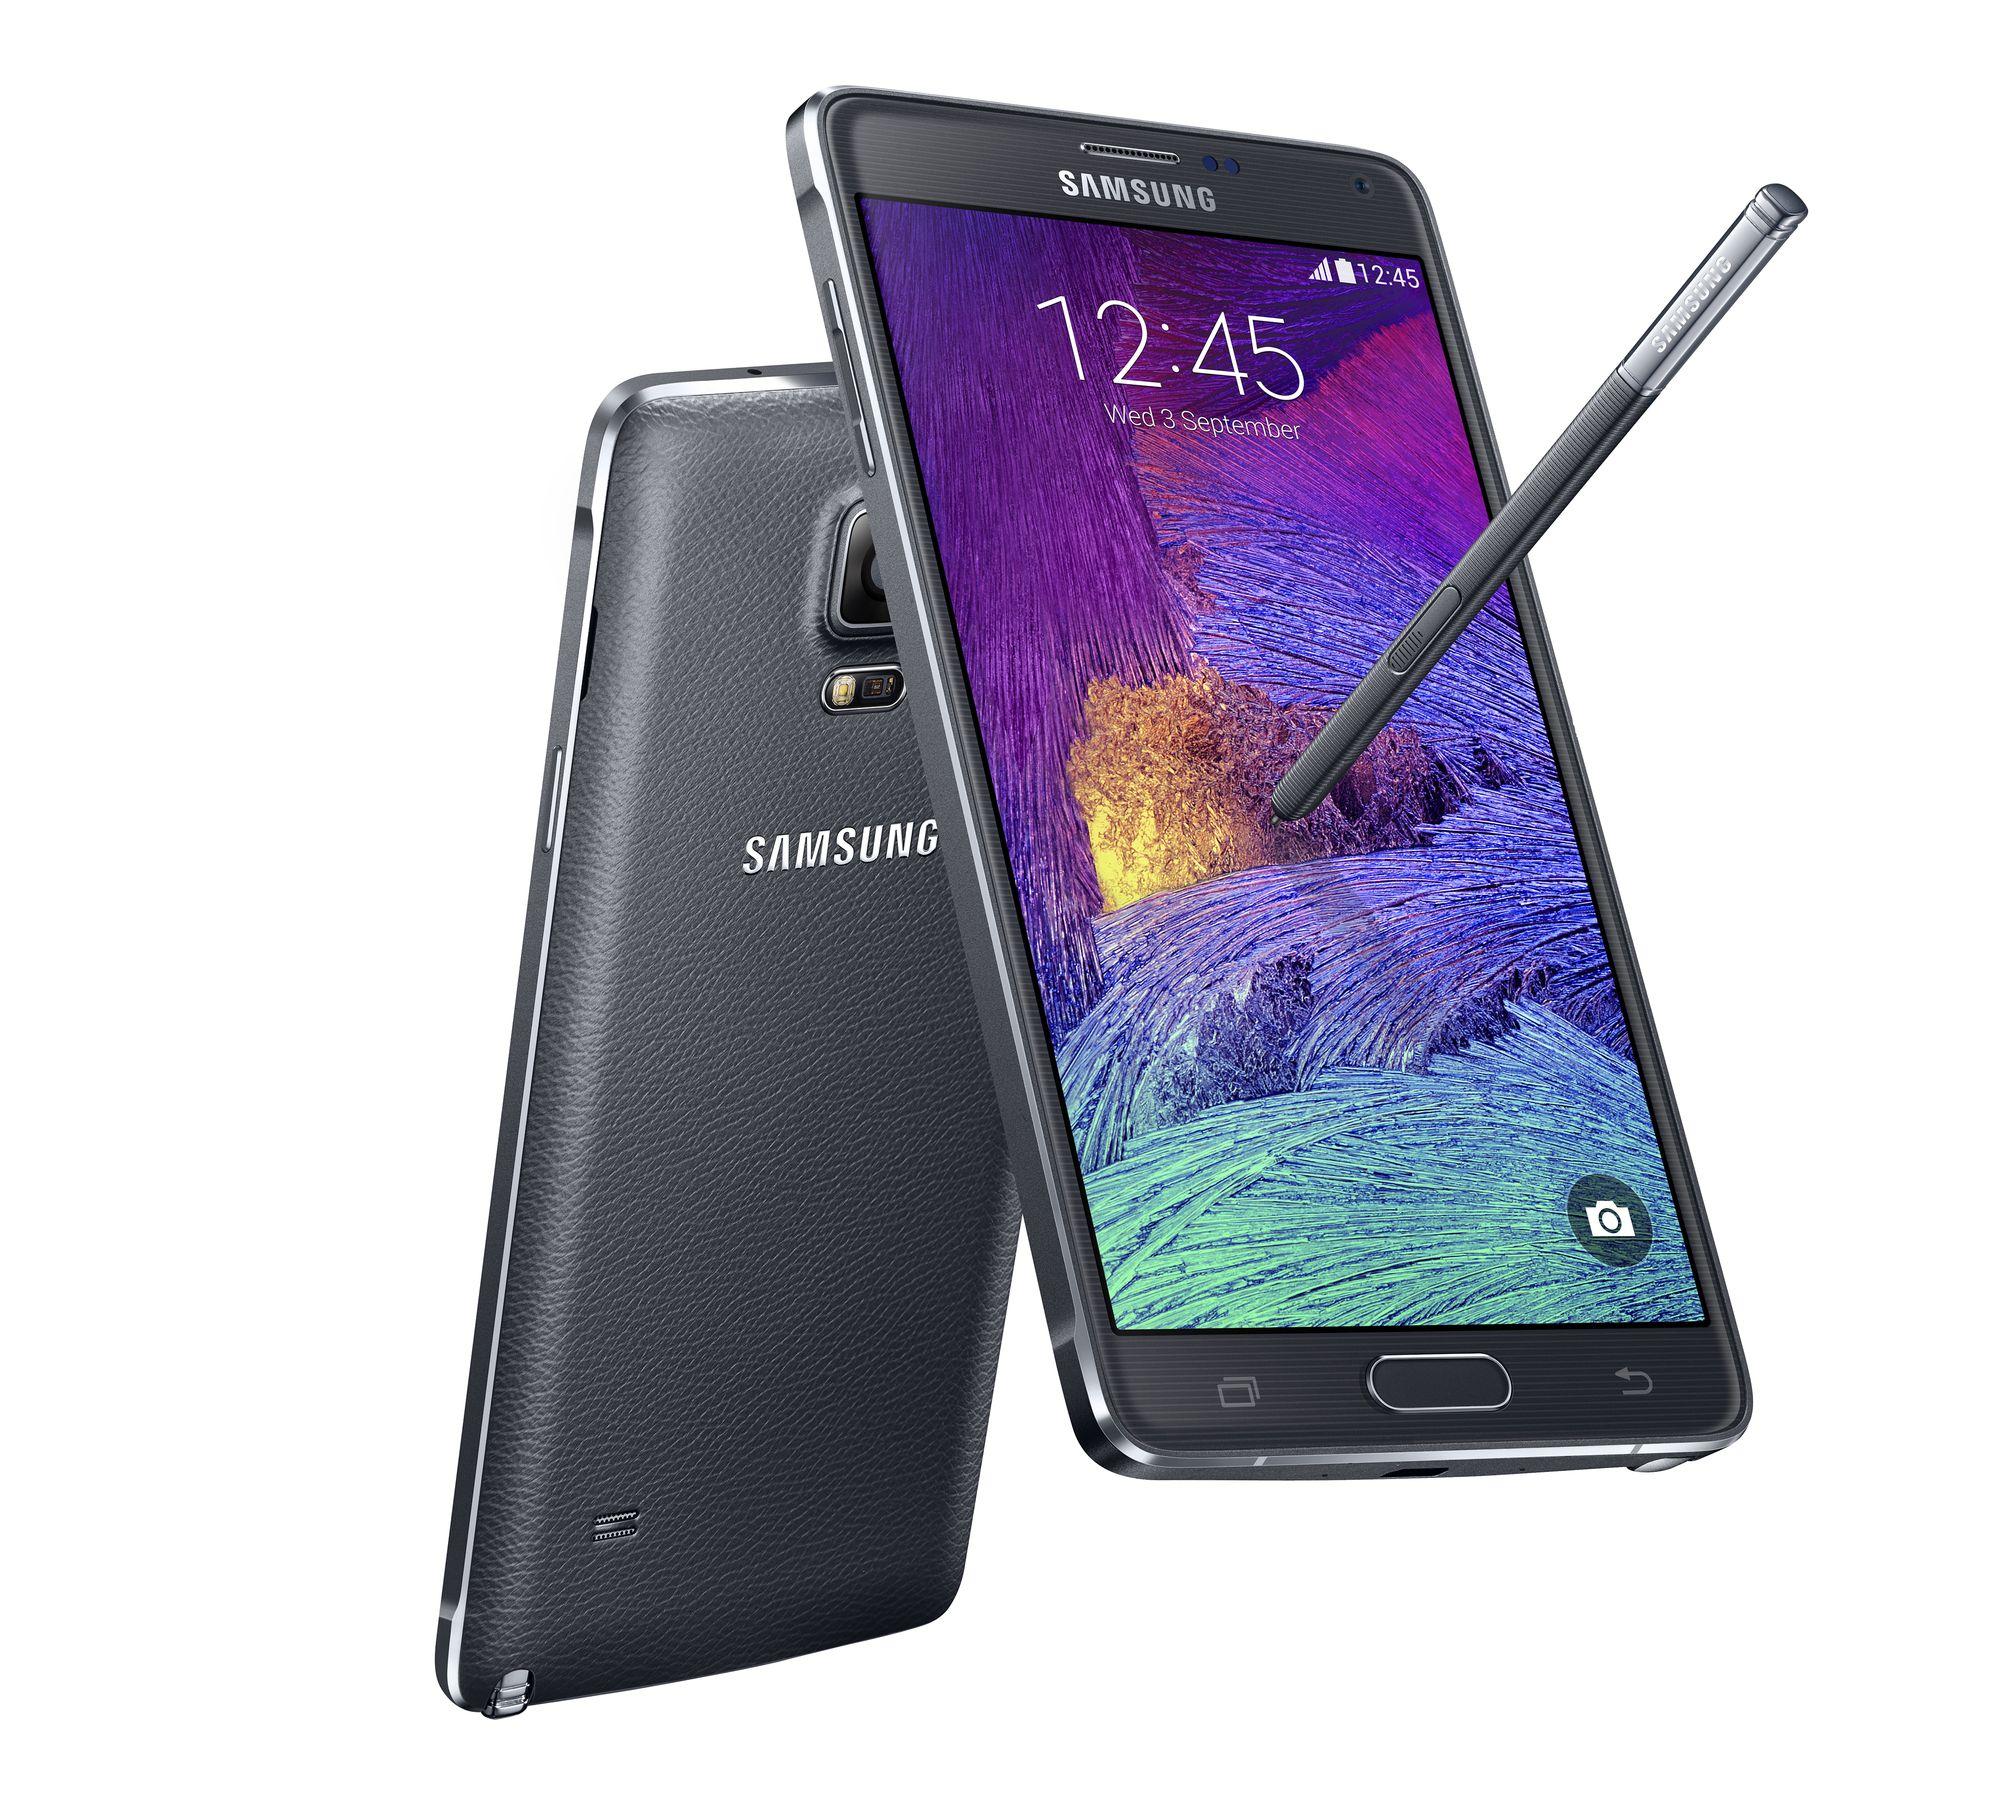 Samsung annonce une nouvelle déclinaison Galaxy Note 4 Tri-Band compatible avec la 4G de catégorie 9 !